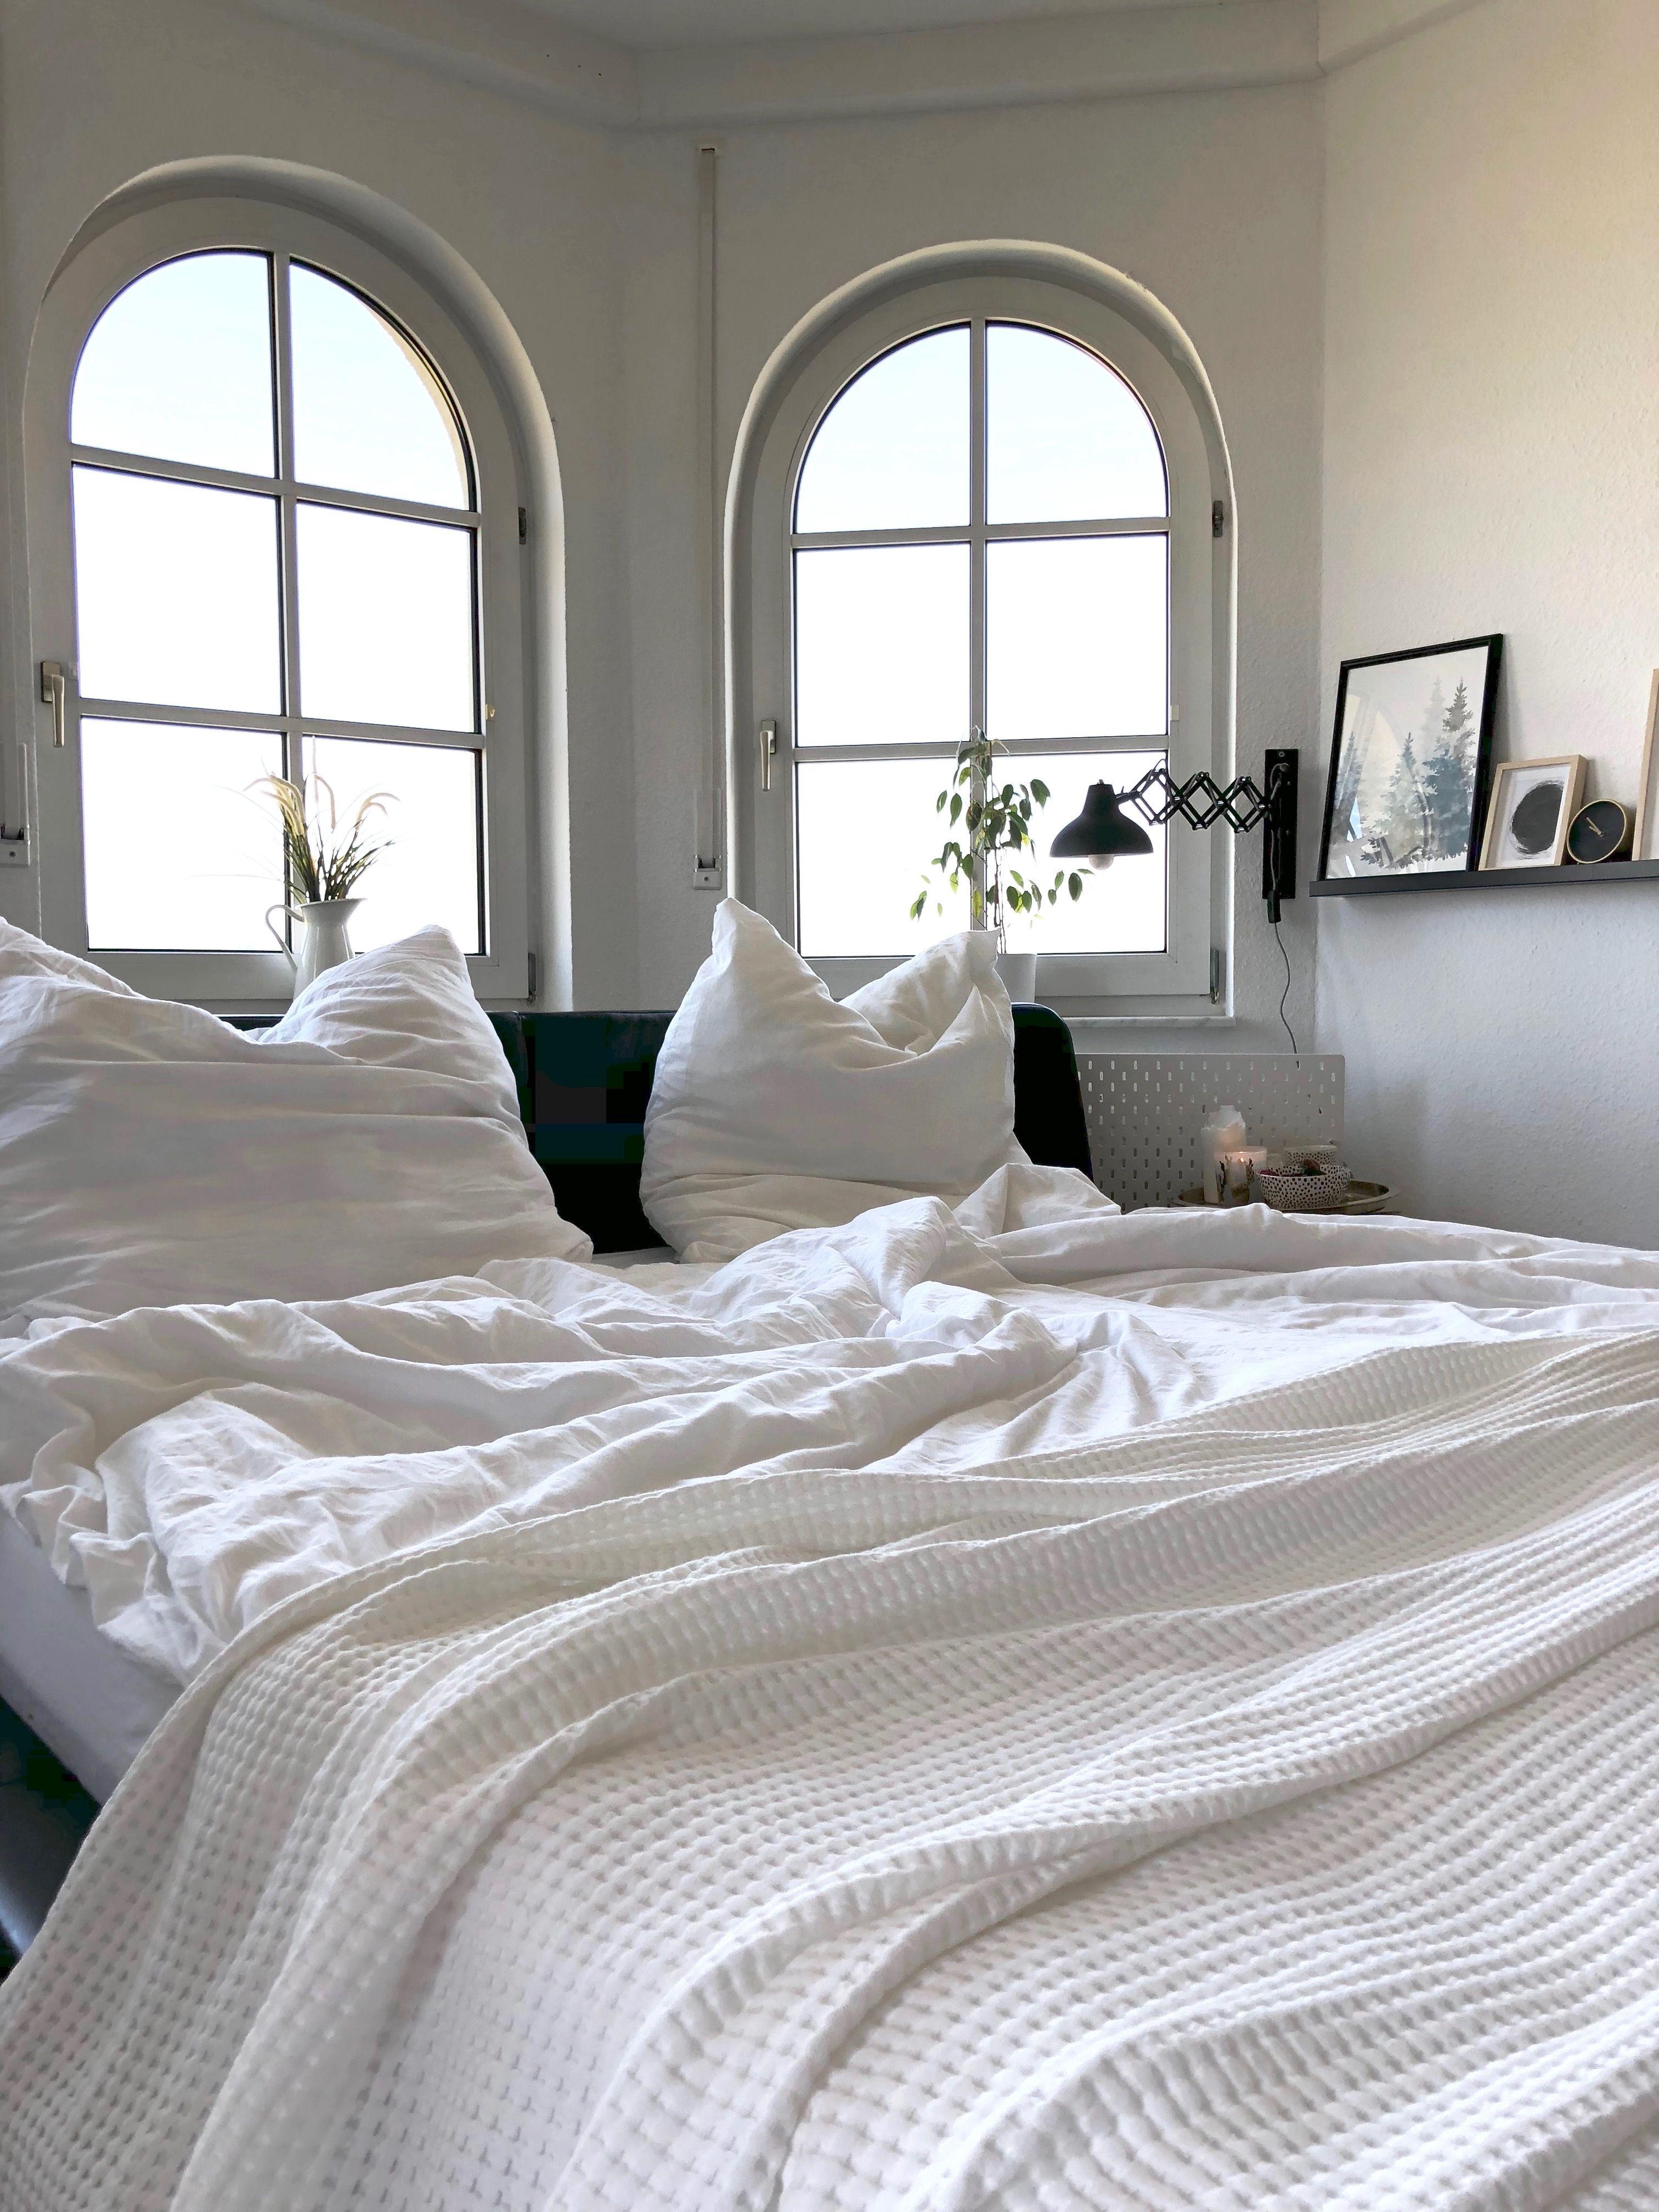 Pin von Bren auf cozy, cozy, cozy!!!! Luxusbettwäsche